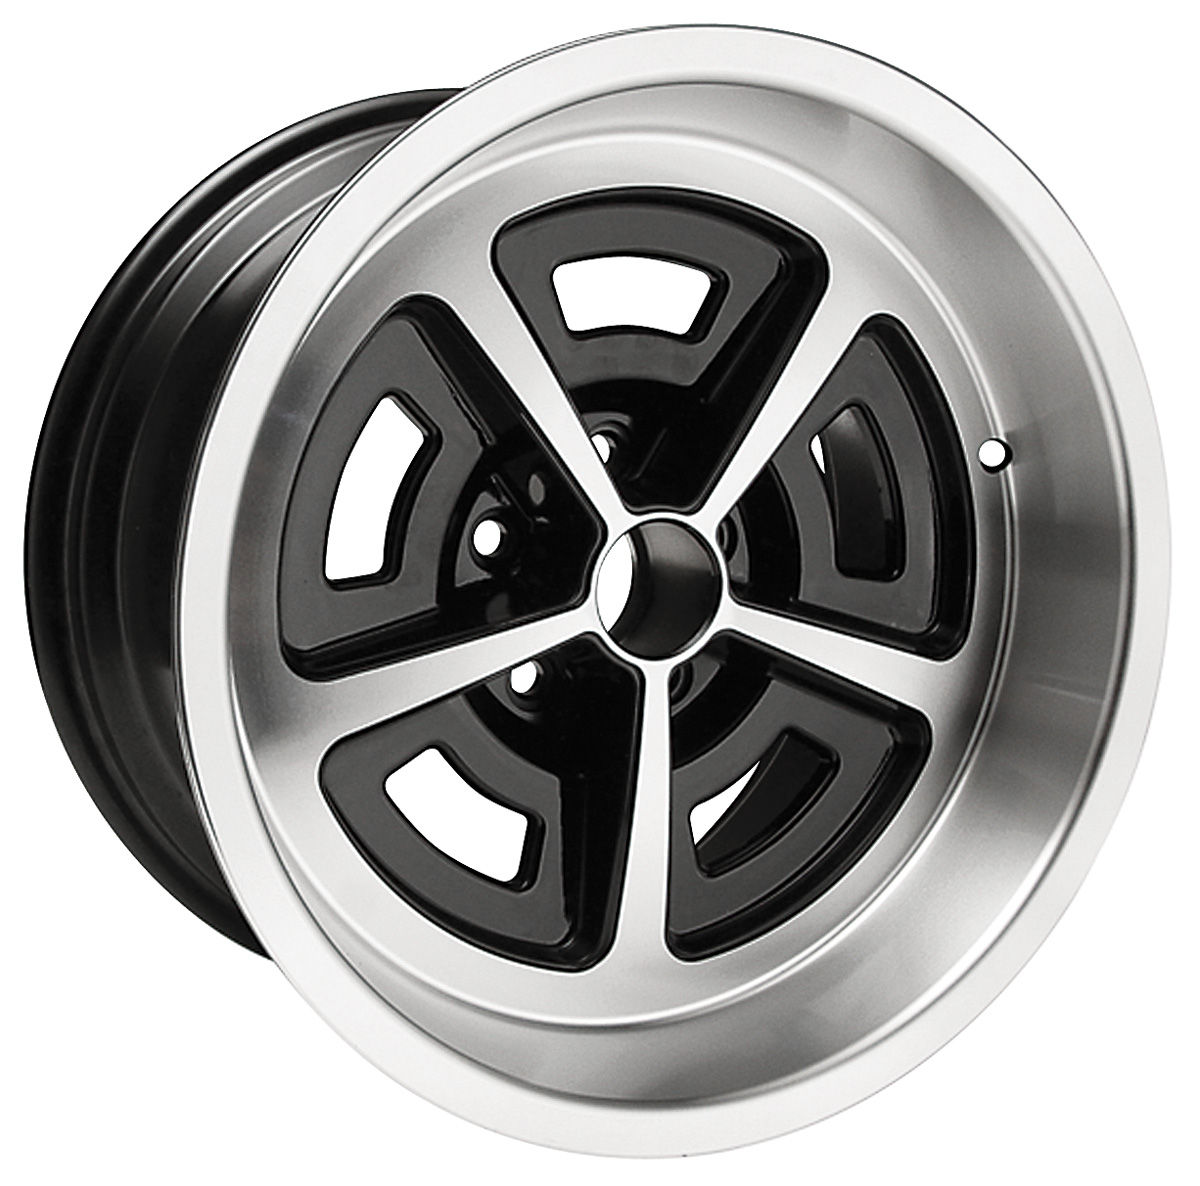 Wheel, Chevrolet/Cutlass/Skylark, 5-Spoke Rally, 17x8